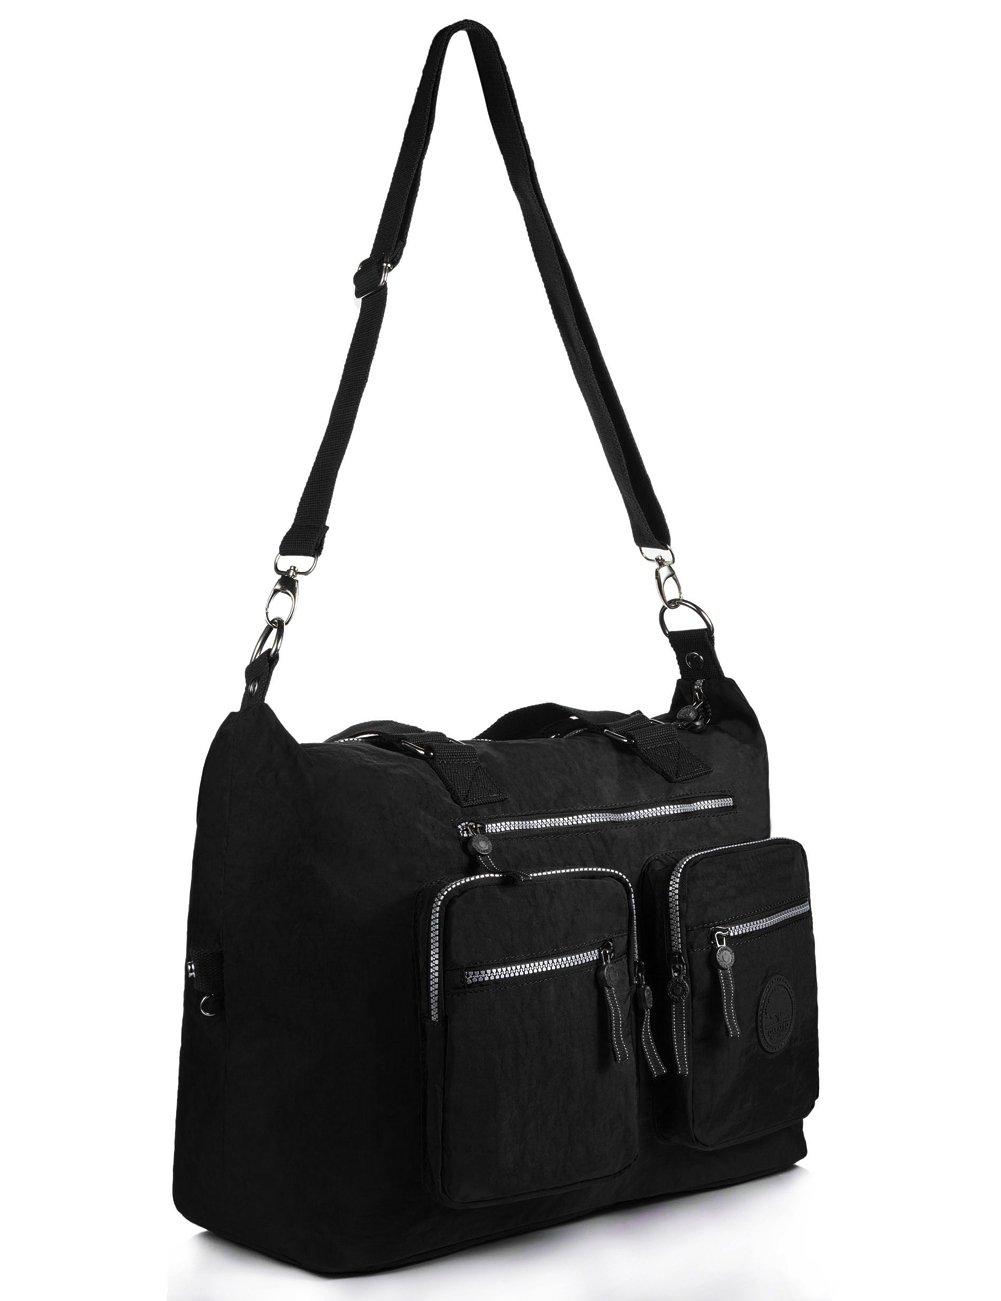 Nylon Travel Tote Large Weekender Bag(1212 Black)  Amazon.co.uk  Luggage c57e6c9aa73fb